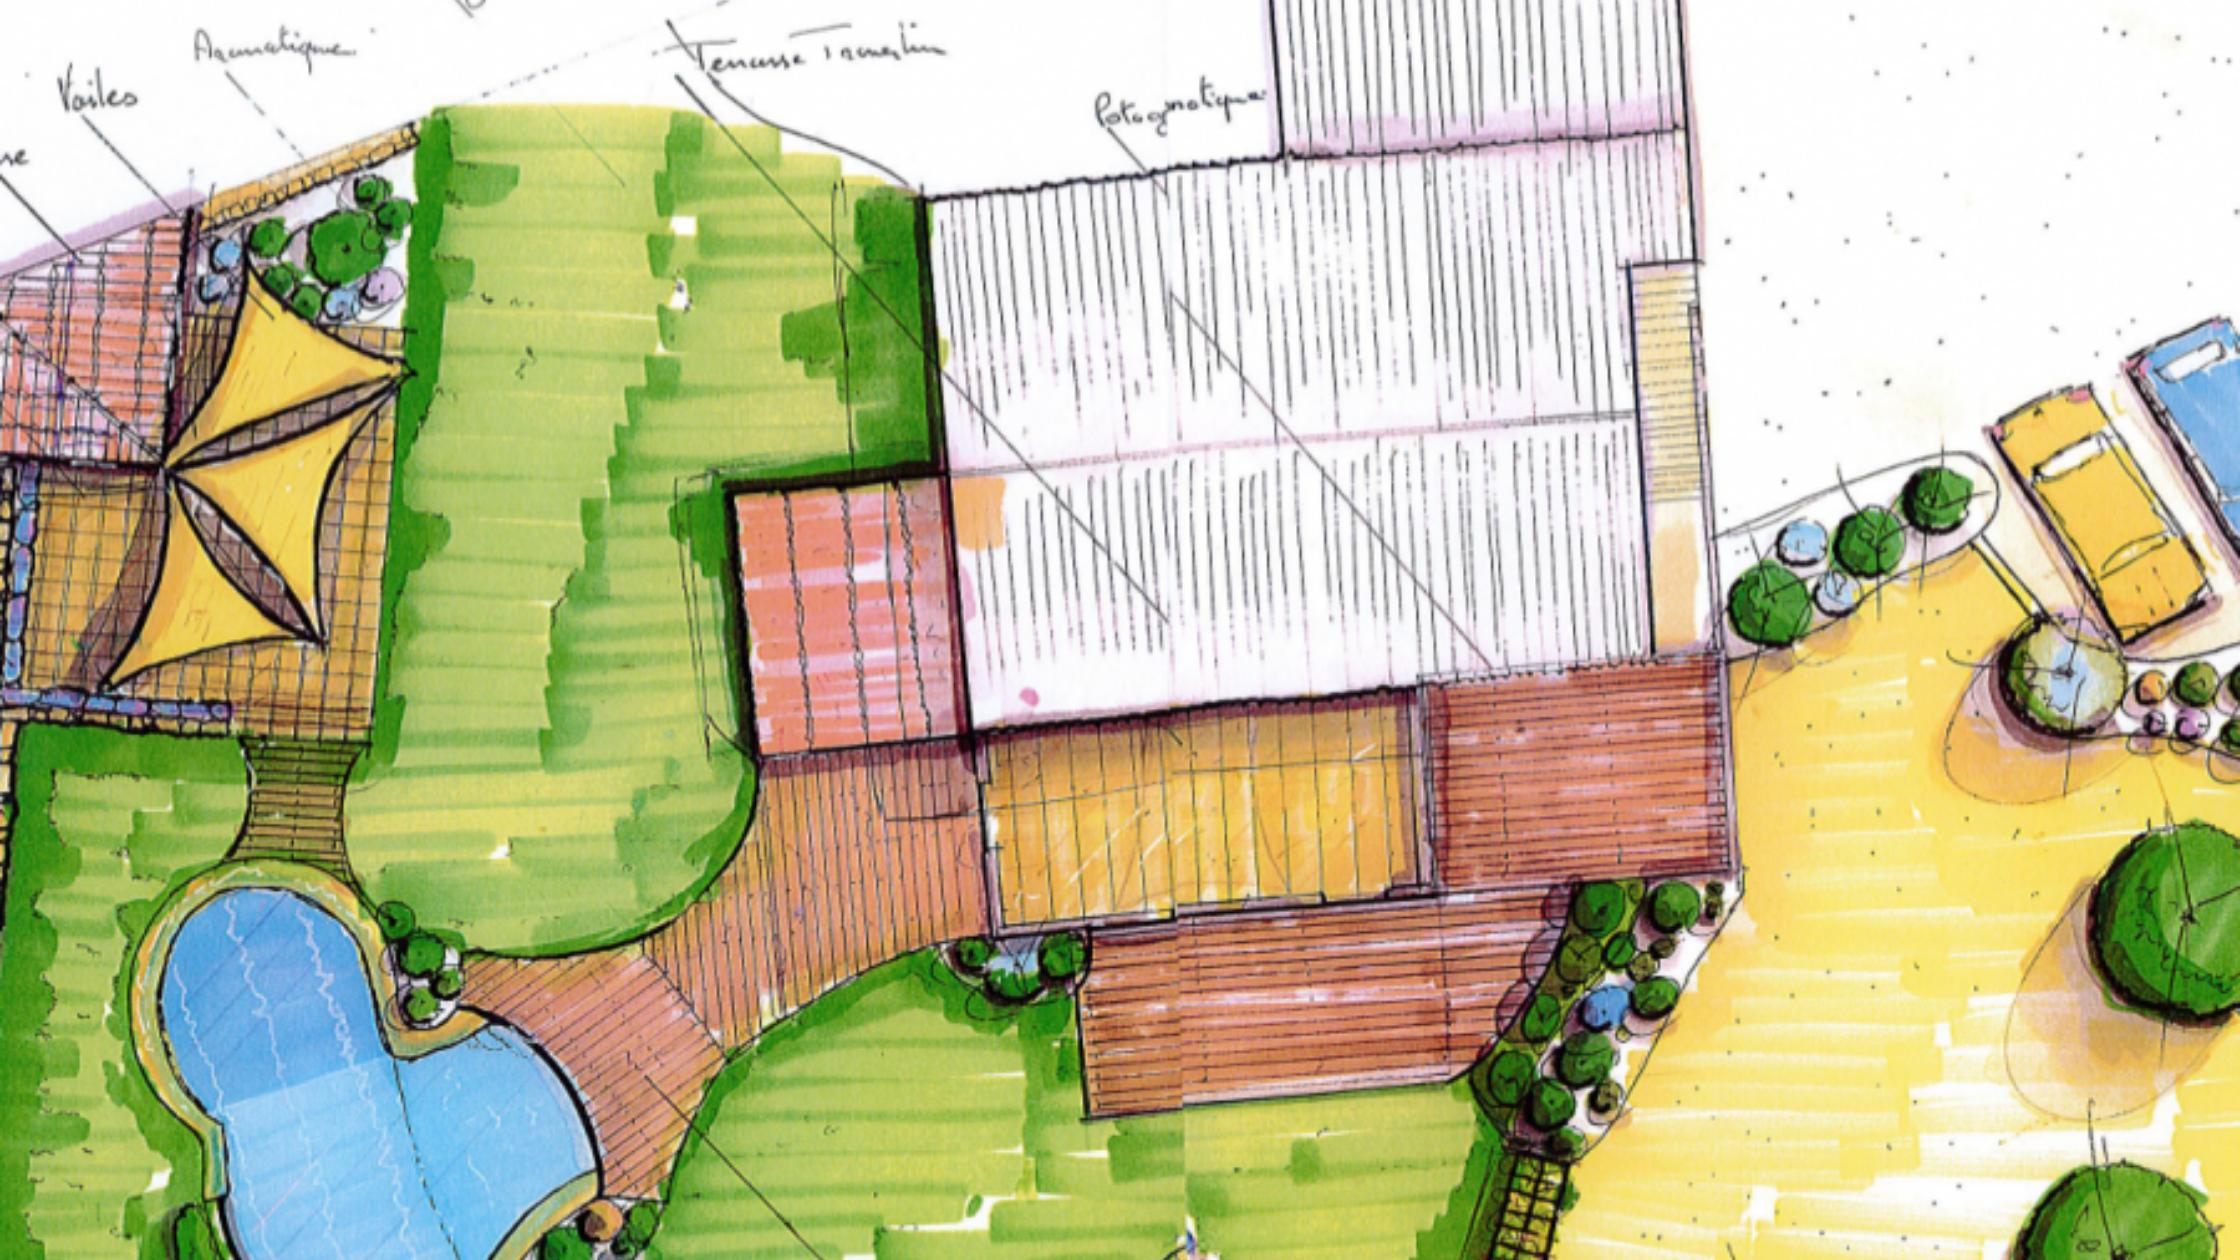 Dessin bureau d'étude création de jardin paysager - Cade Paysage - Var - Toulon - Brignoles